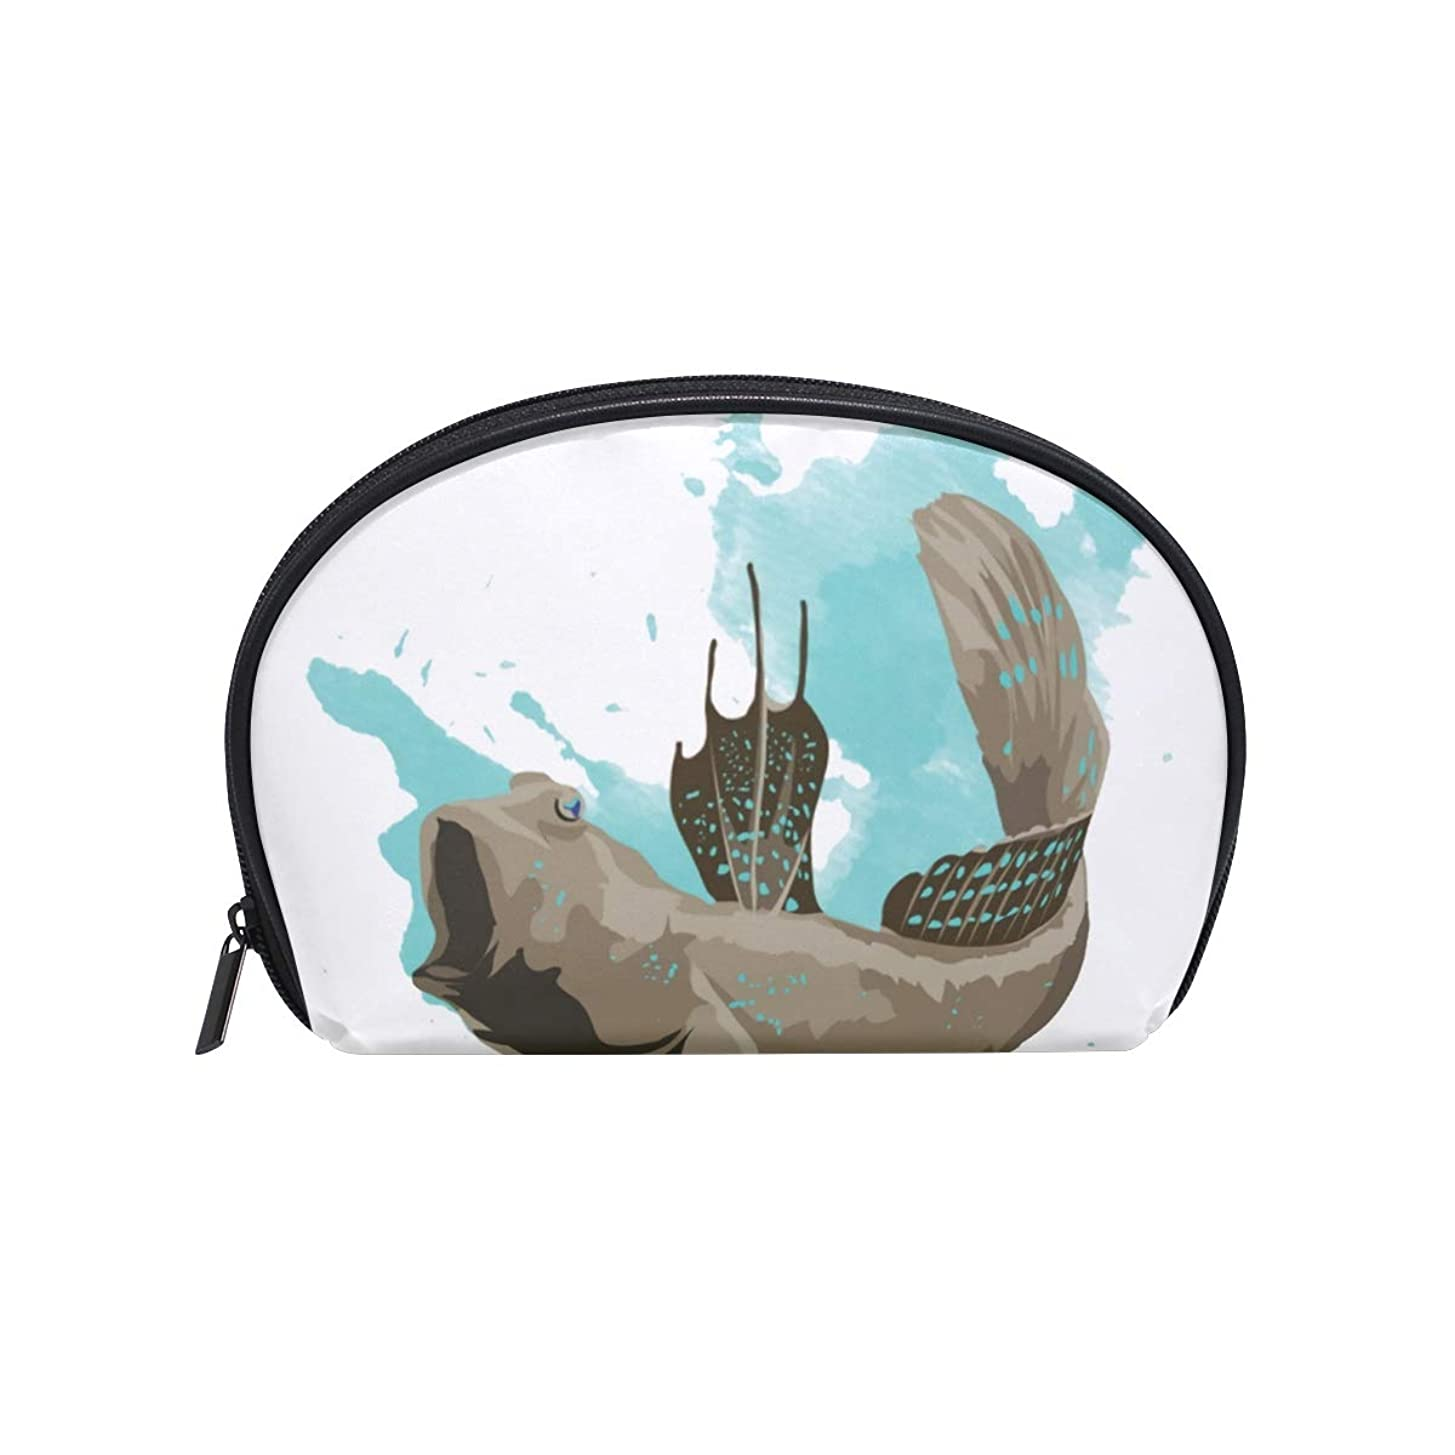 ジャンクデッキパンダ半月型 青い斑点柄 ついたマッドスキッパー 化粧ポーチ コスメポーチ コスメバッグ メイクポーチ 大容量 旅行 小物入れ